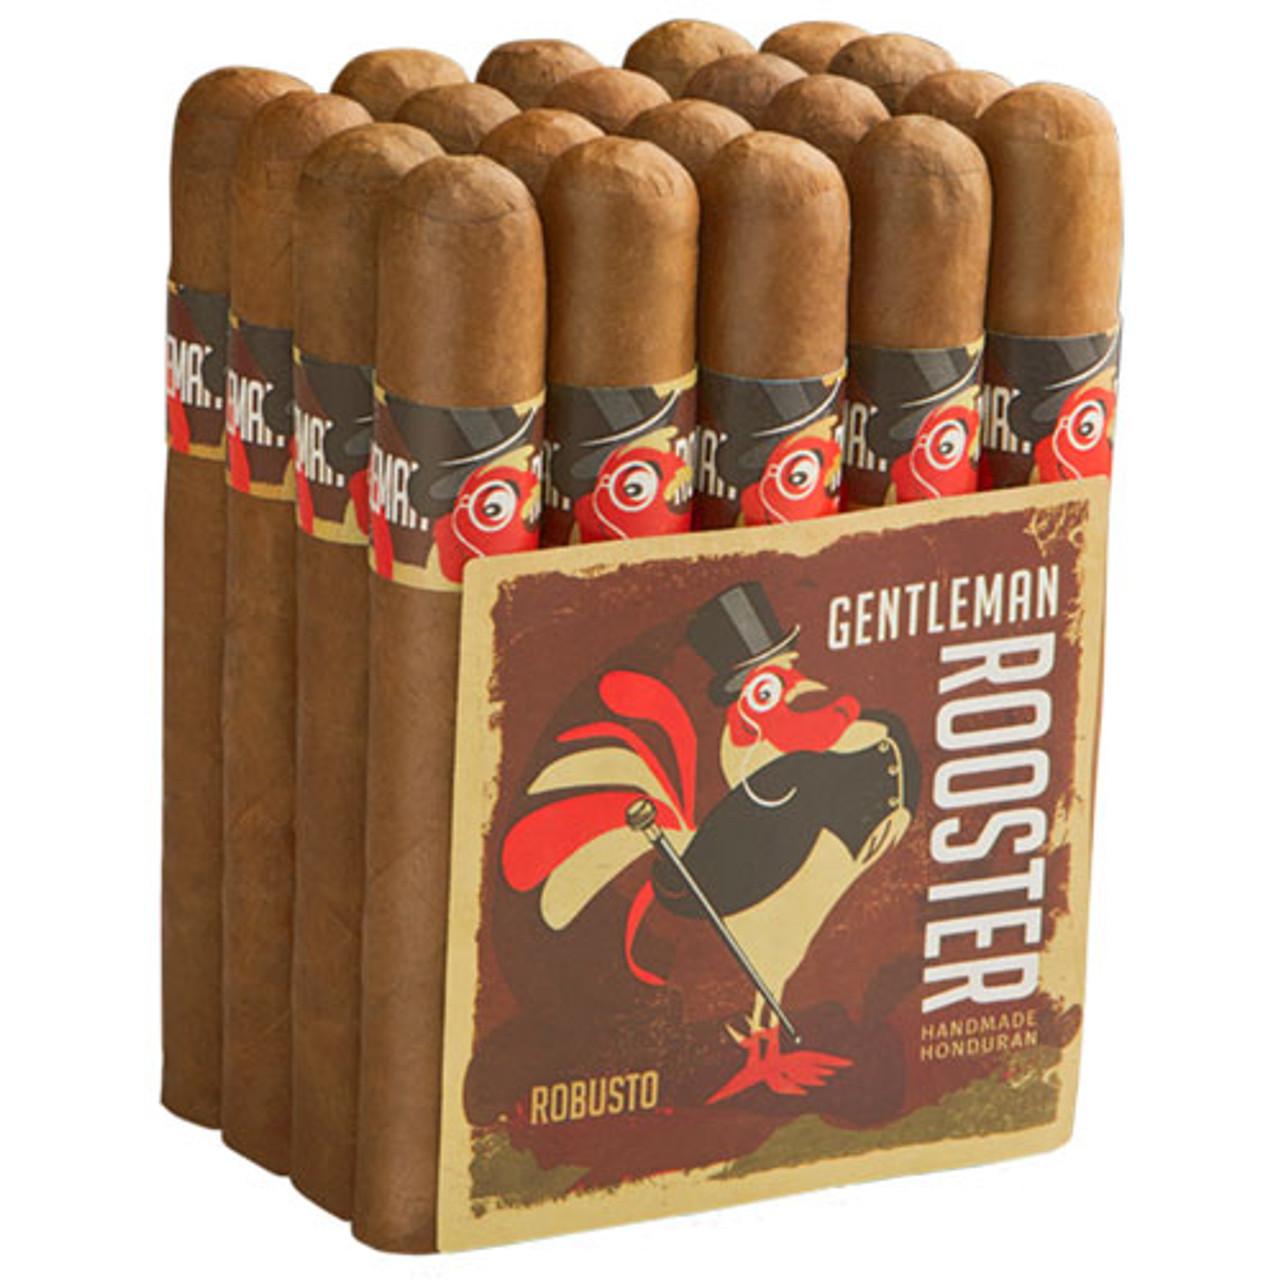 Gentleman Rooster Belicoso Cigars - 6 x 52 (Bundle of 20)